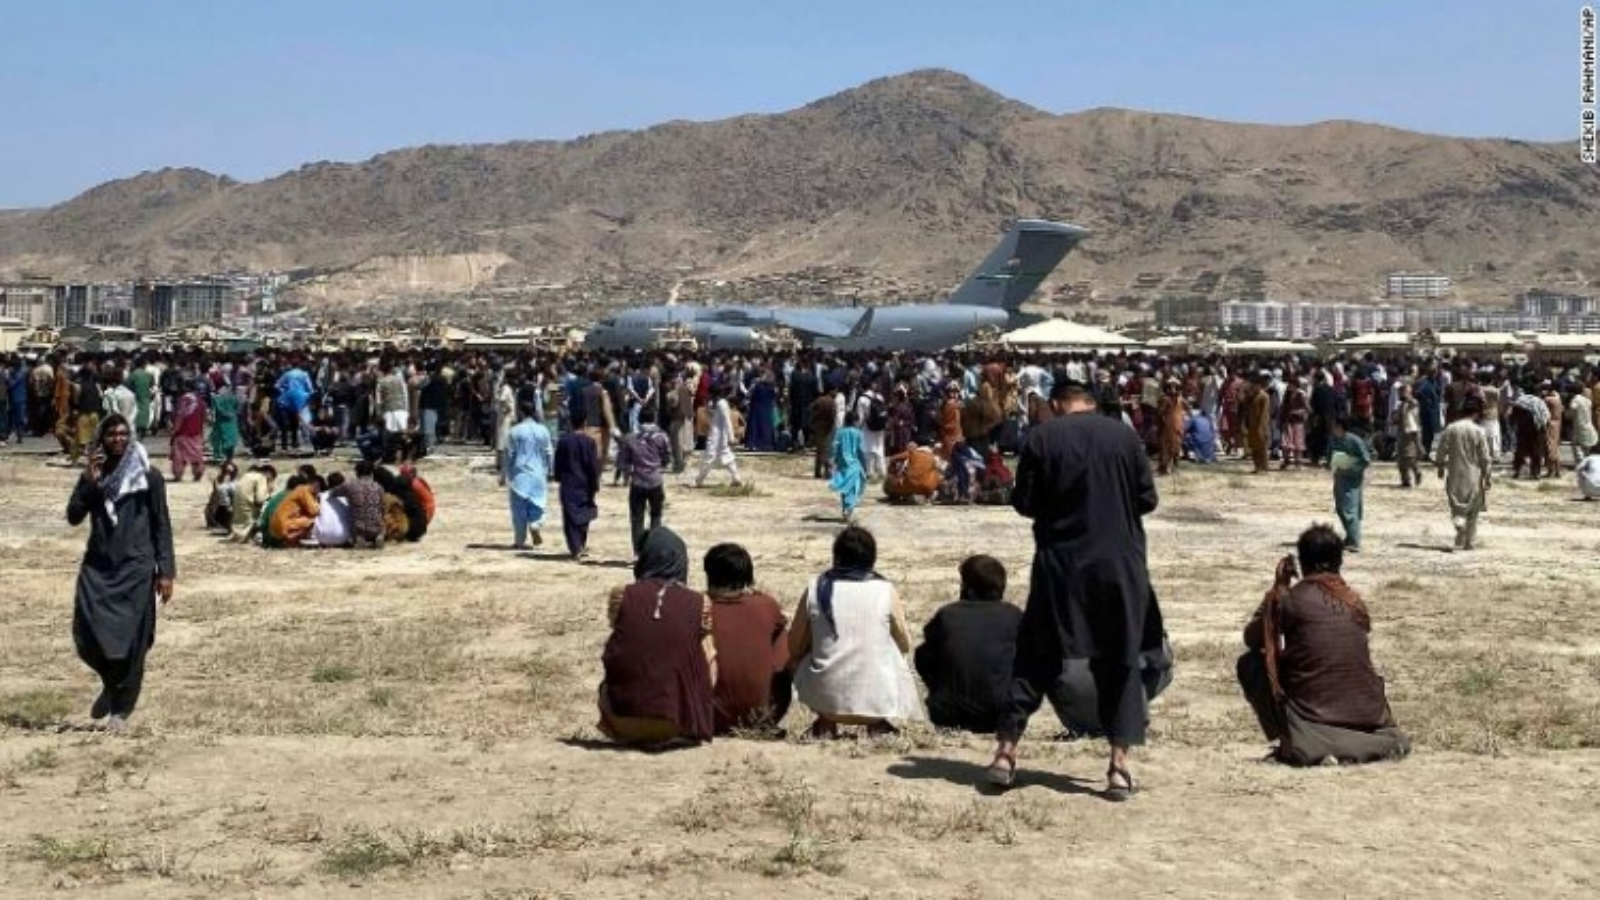 Sân bay Kabul - Tâm điểm của hỗn loạn, tuyệt vọng và những cuộc ly tán